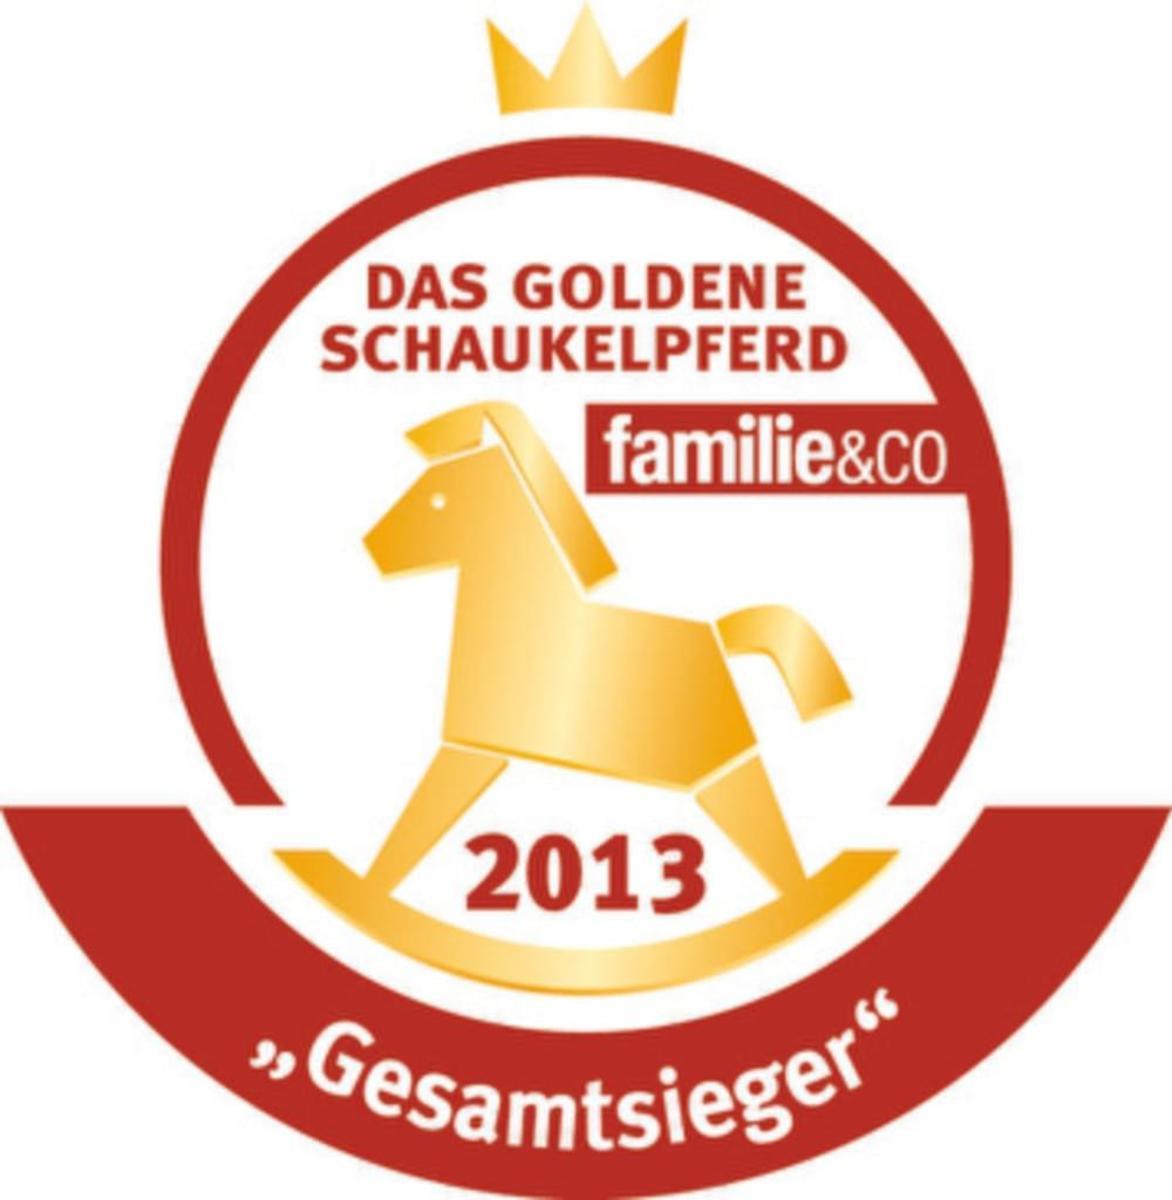 Bild 5 von Ravensburger Kakerlakak *Empfohlen Kinderspiel 2013*